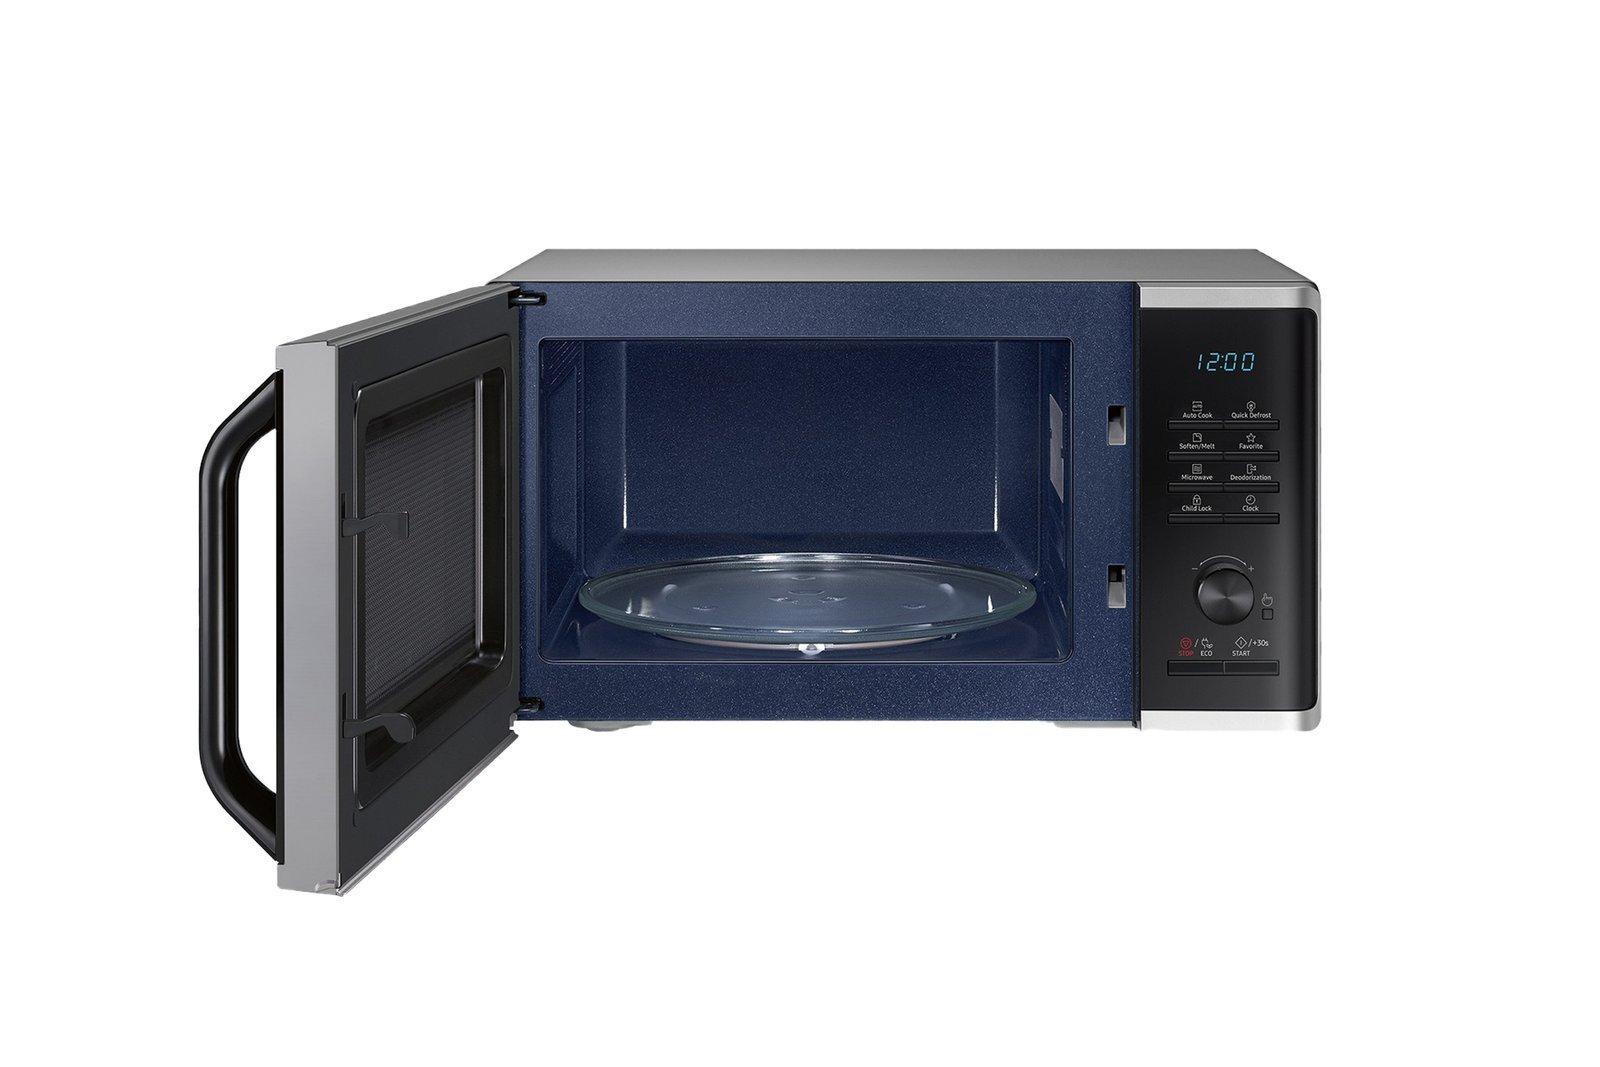 Microwave Samsung MS23K3515AS 23l 800W